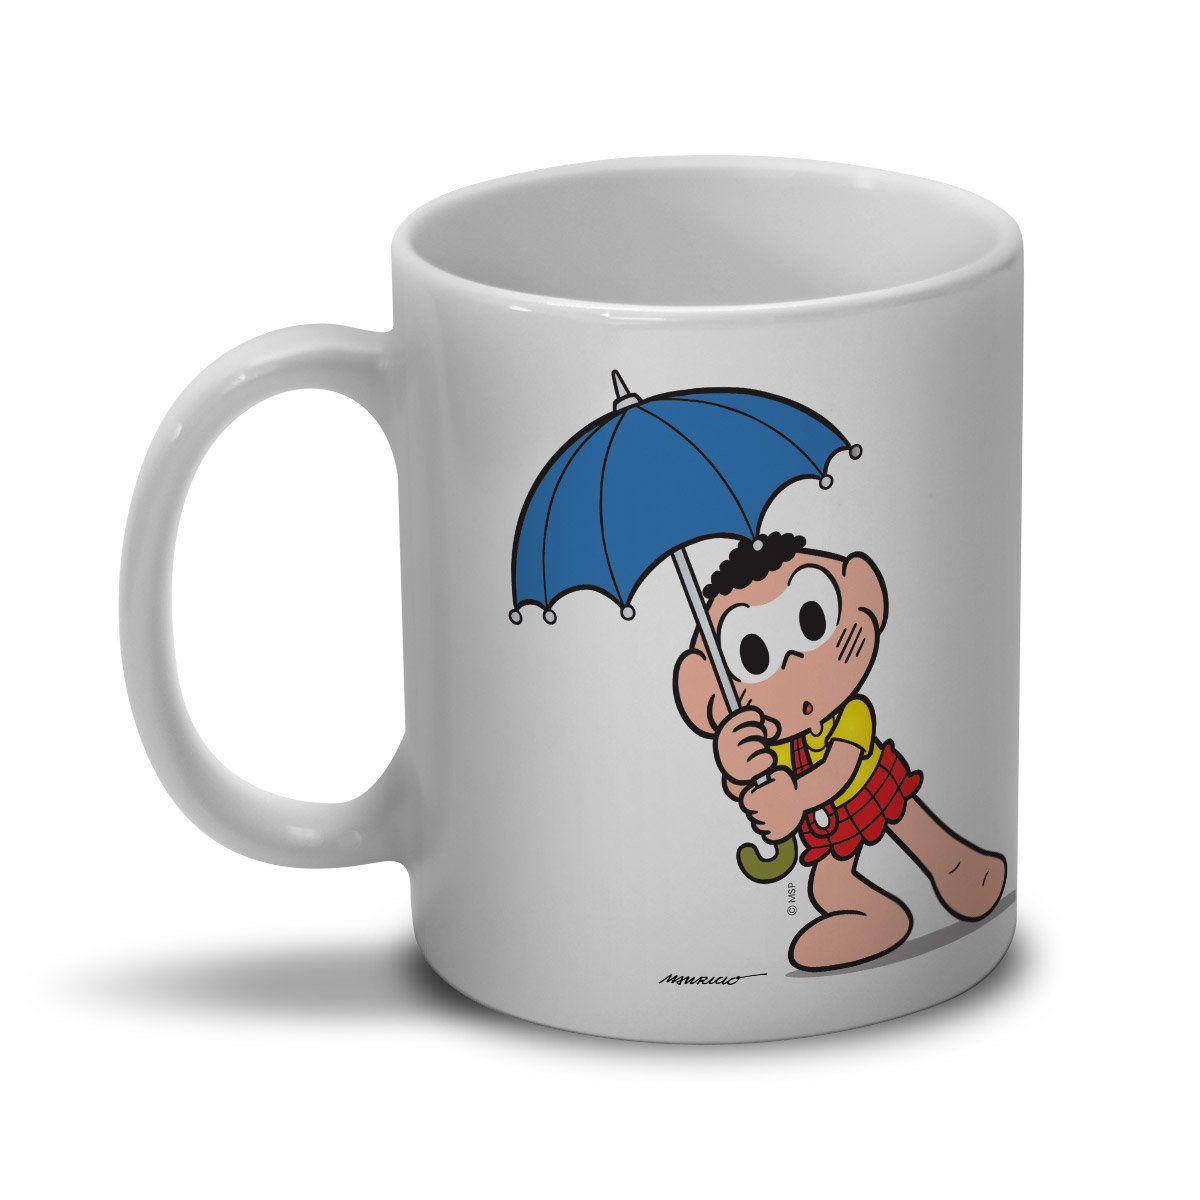 Caneca Turma da Mônica Cool - Keep Calm And Carry An Umbrella